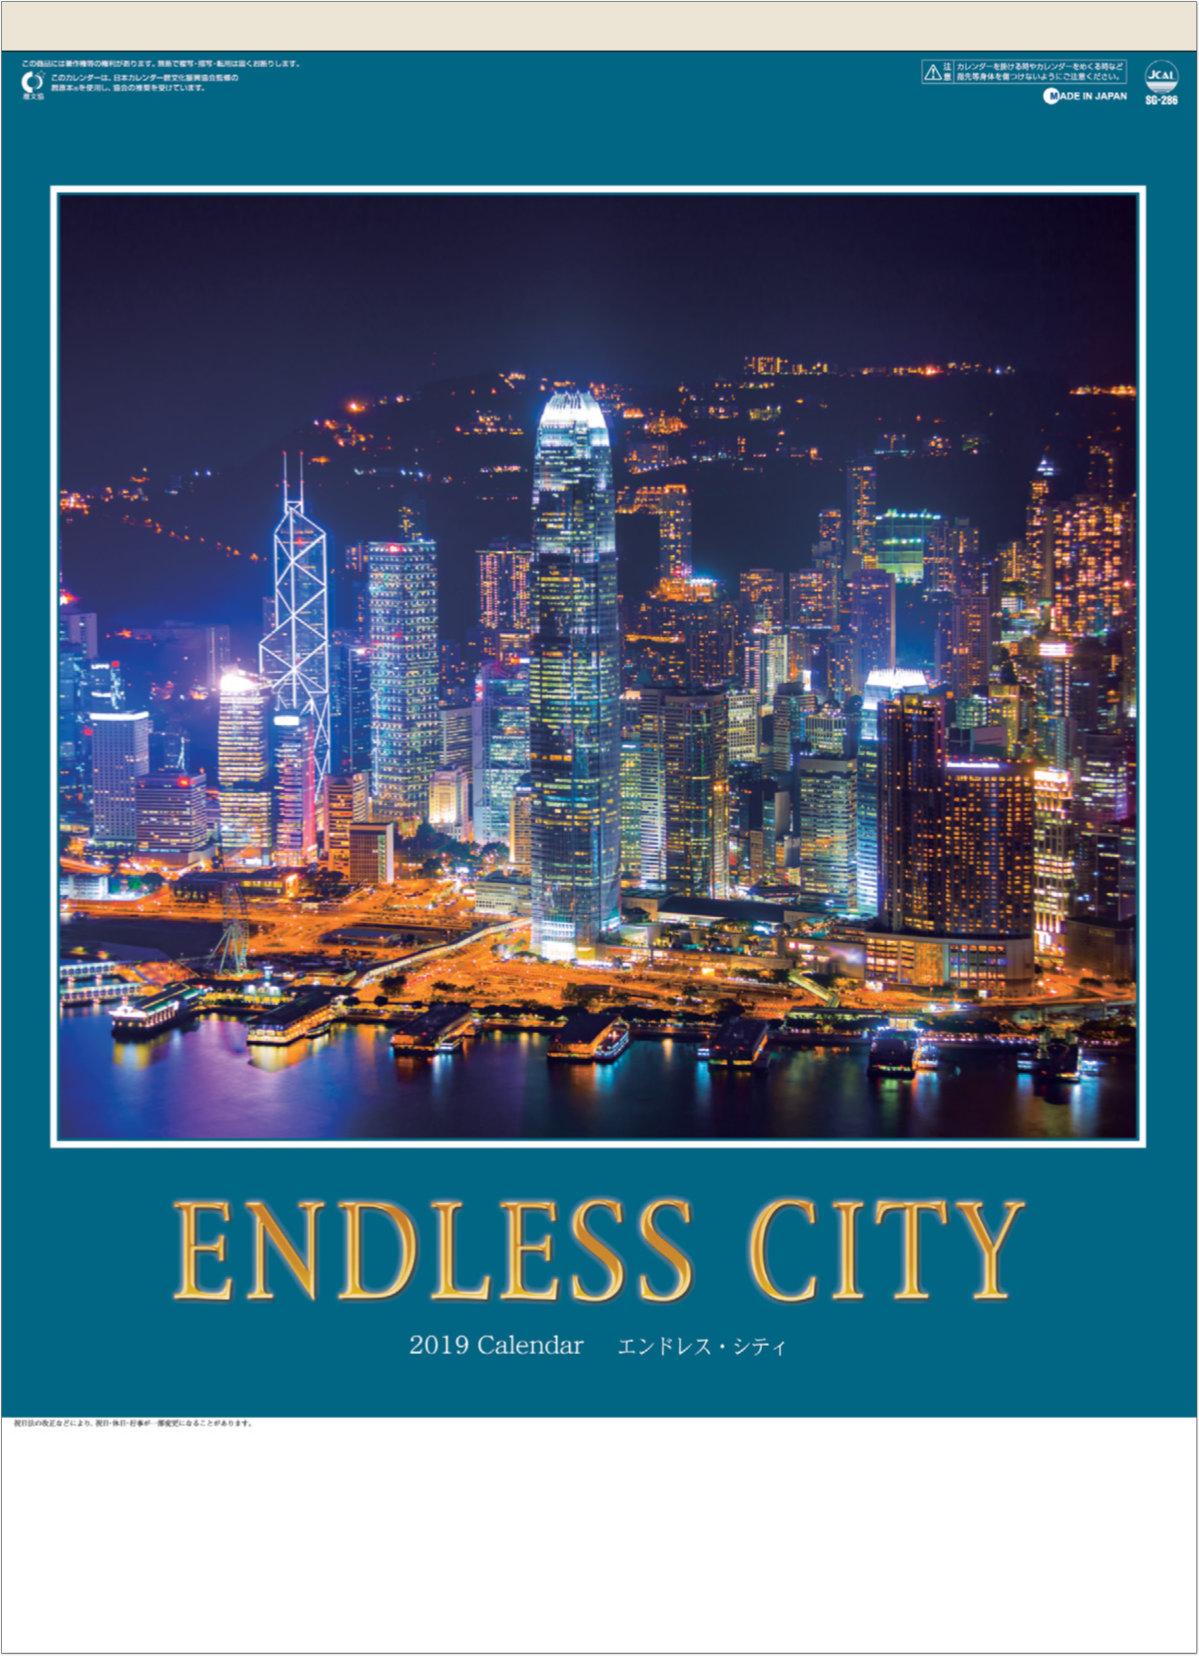 表紙 エンドレスシティ・世界の夜景 2019年カレンダーの画像